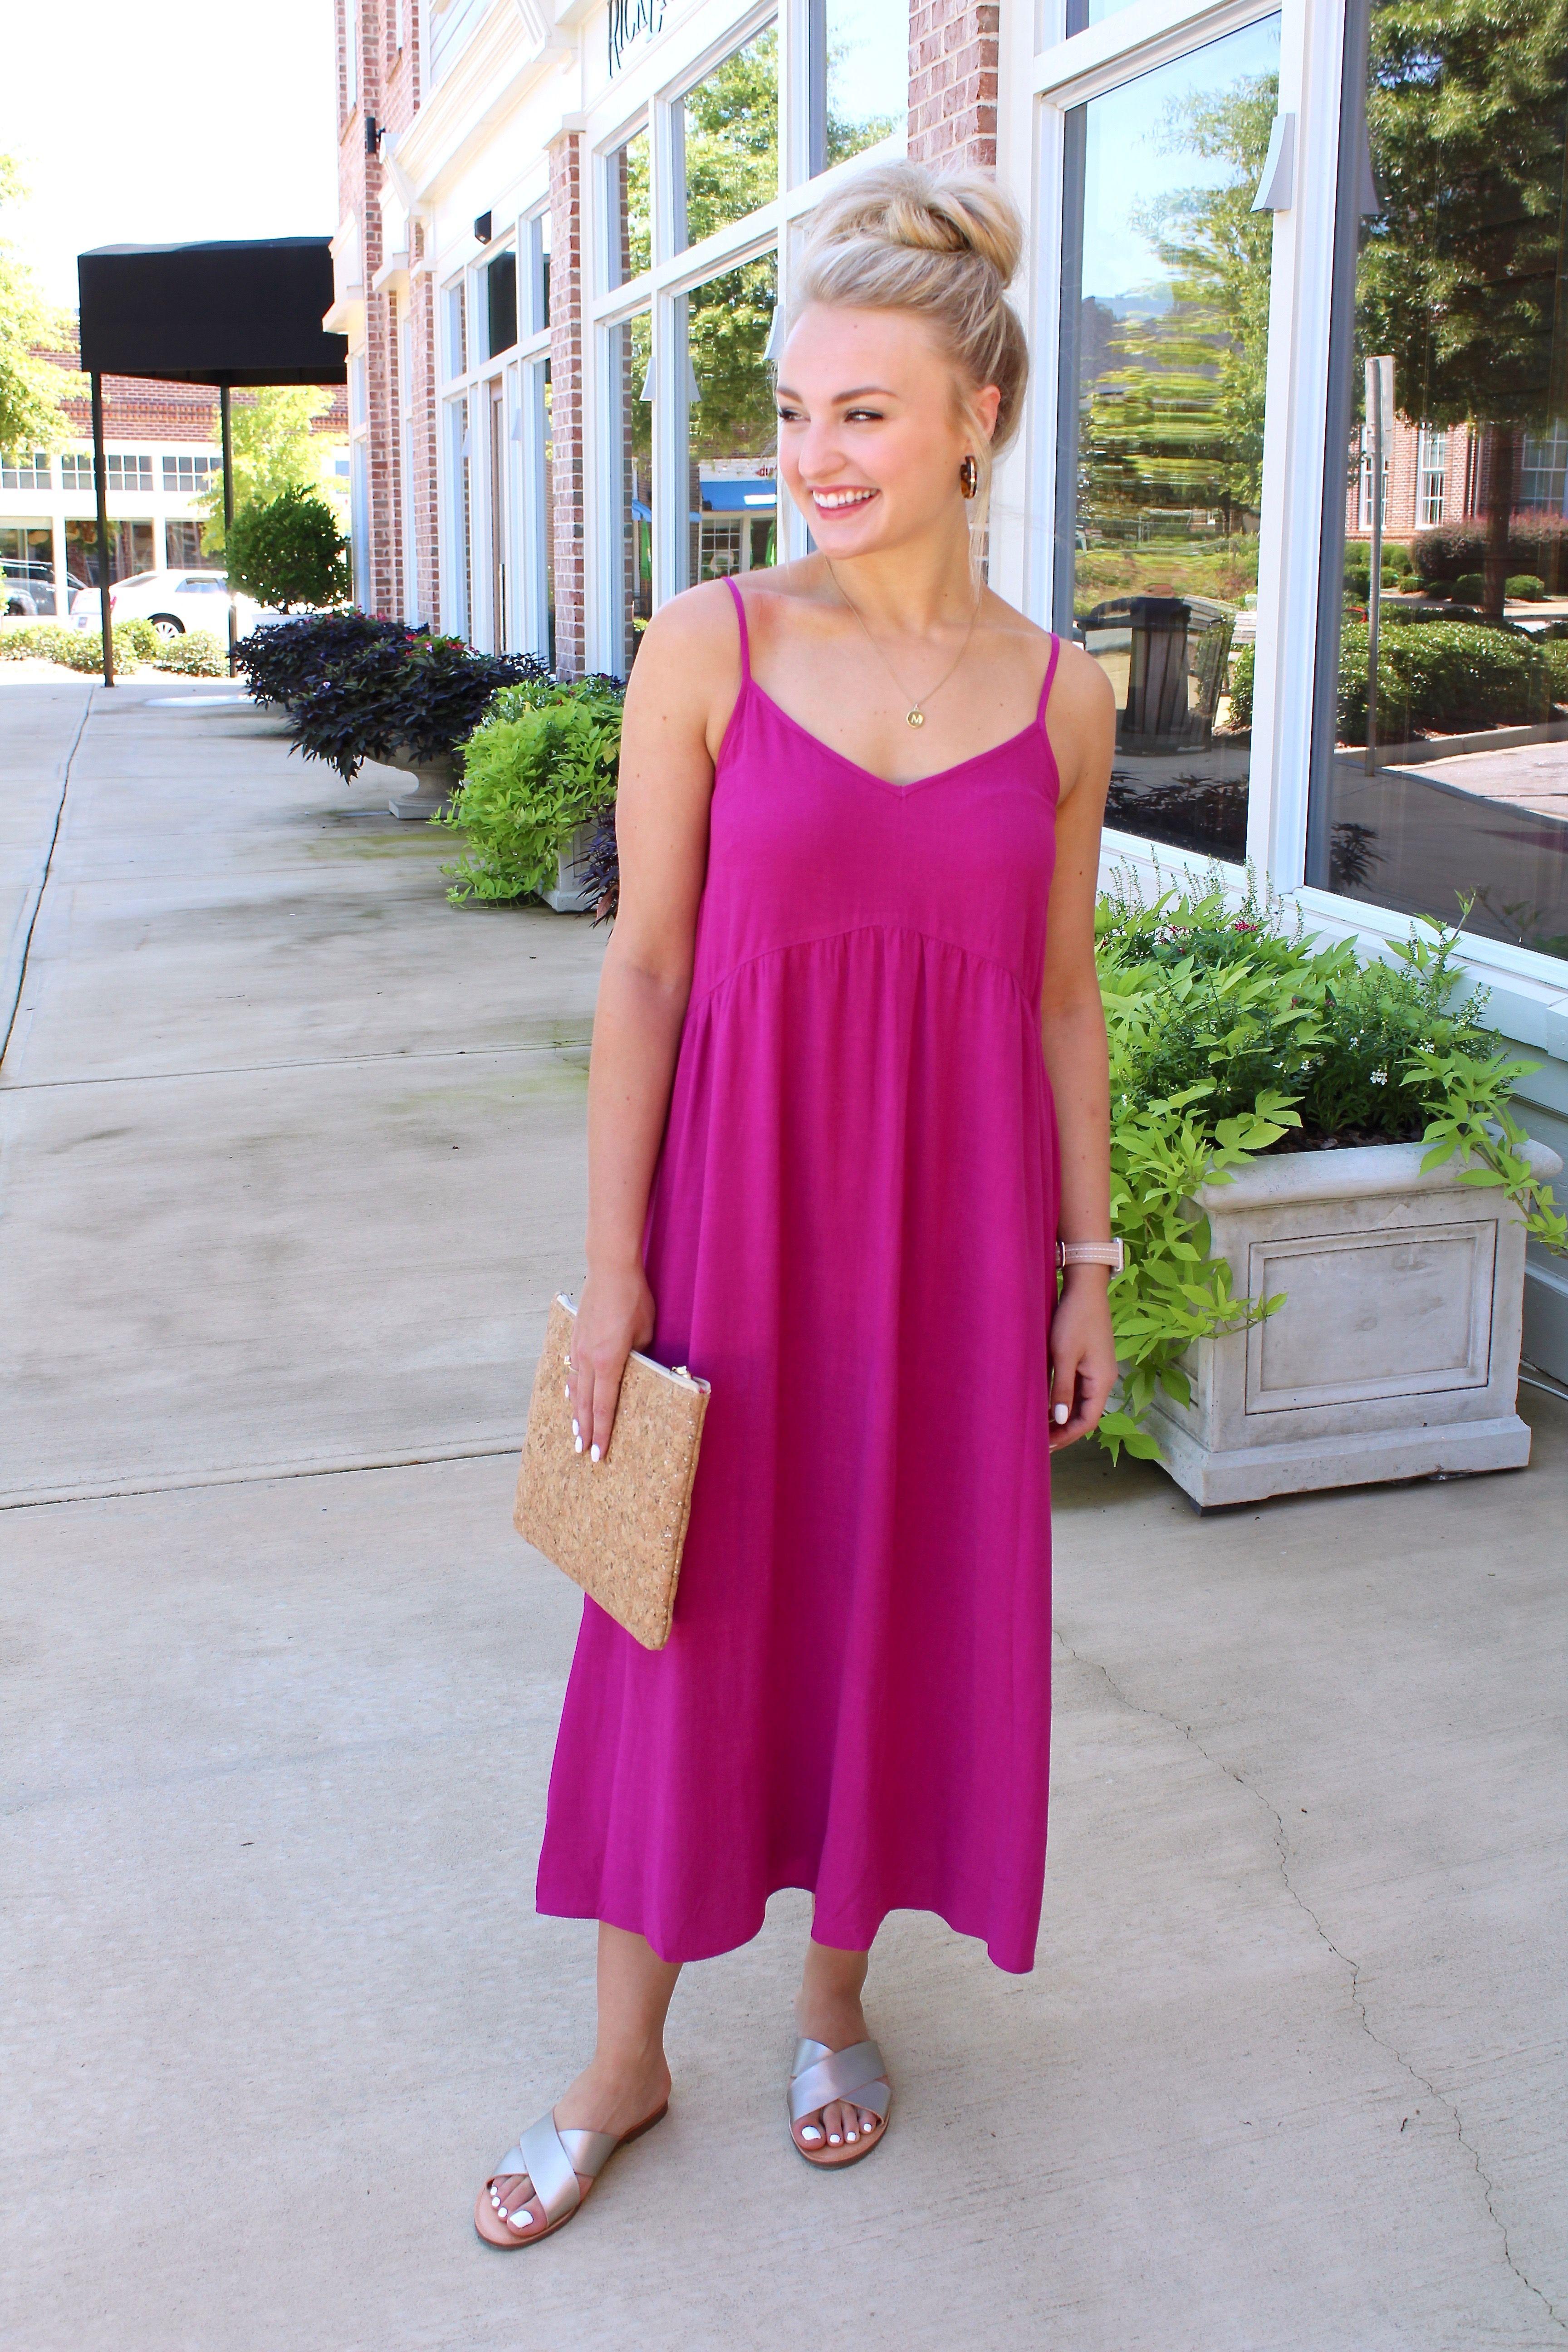 Target Maxi Dress Target Summer Dresses Target Maxi Dresses Dresses [ 5184 x 3456 Pixel ]